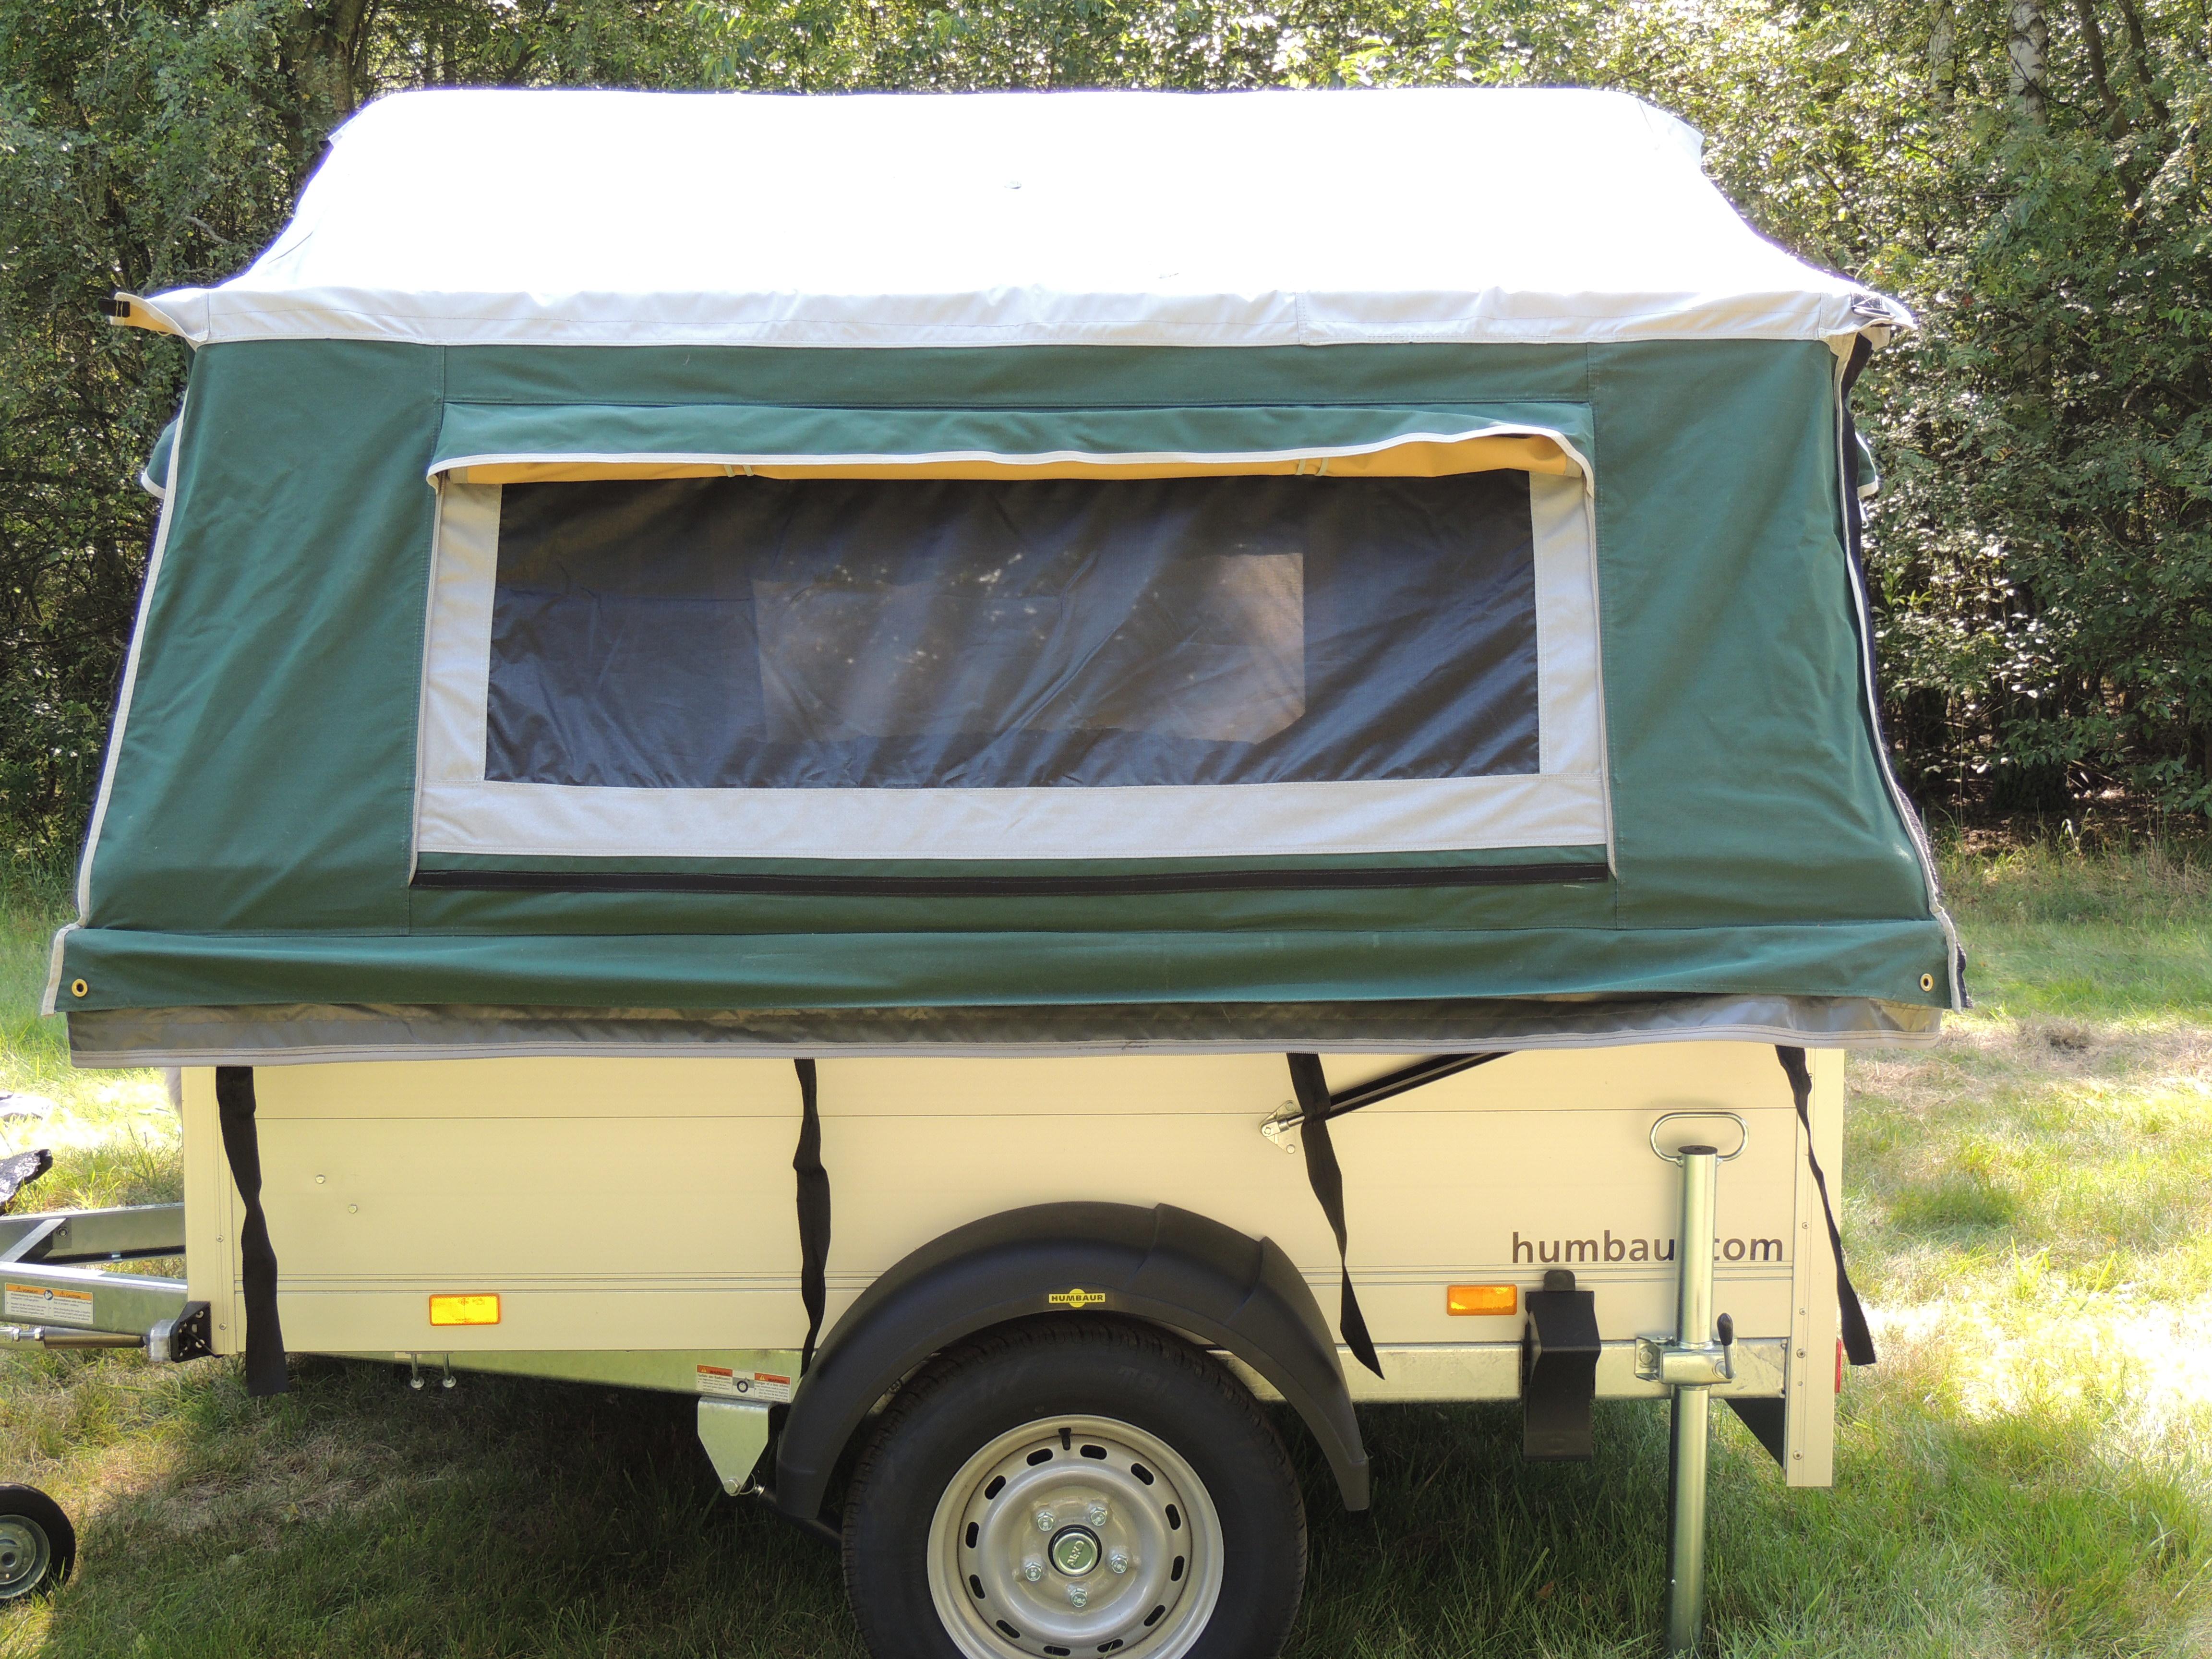 miniatuur 5 - Zeltanhänger Tender XL der Faltcaravan von NB outdoor Campingtrailer mit Komfort